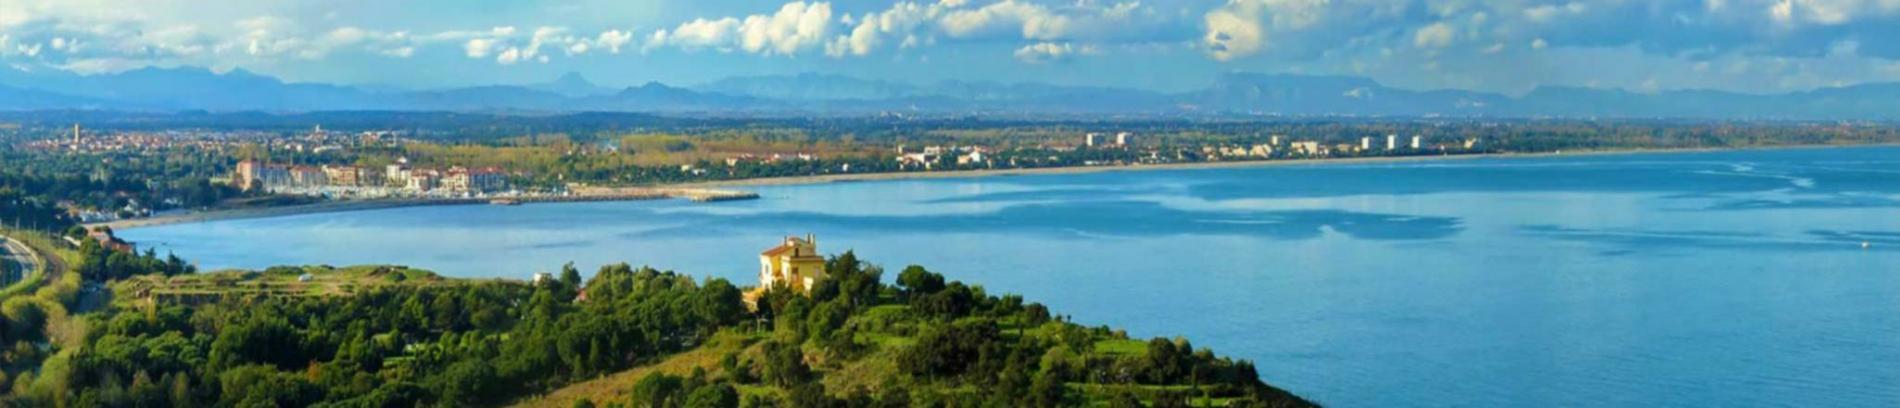 Slide vue sur la mer méditerranée